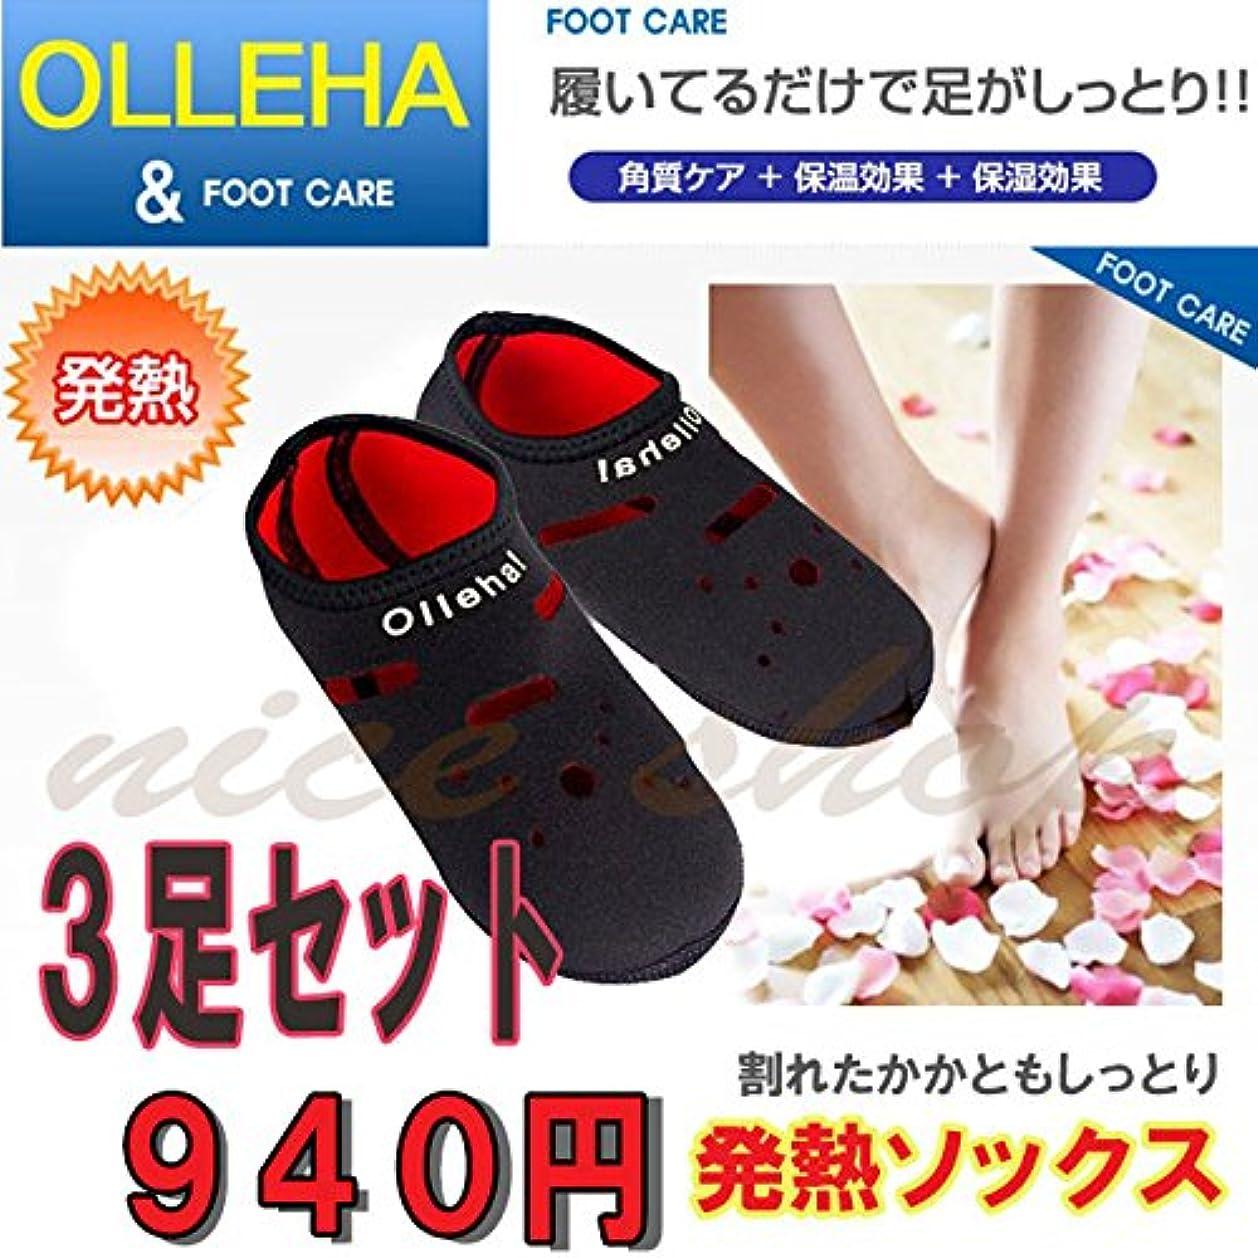 食料品店知る法令発熱靴下(足袋)発熱ソックス、フットケアー Olleha! (XL(26.0~27.5))